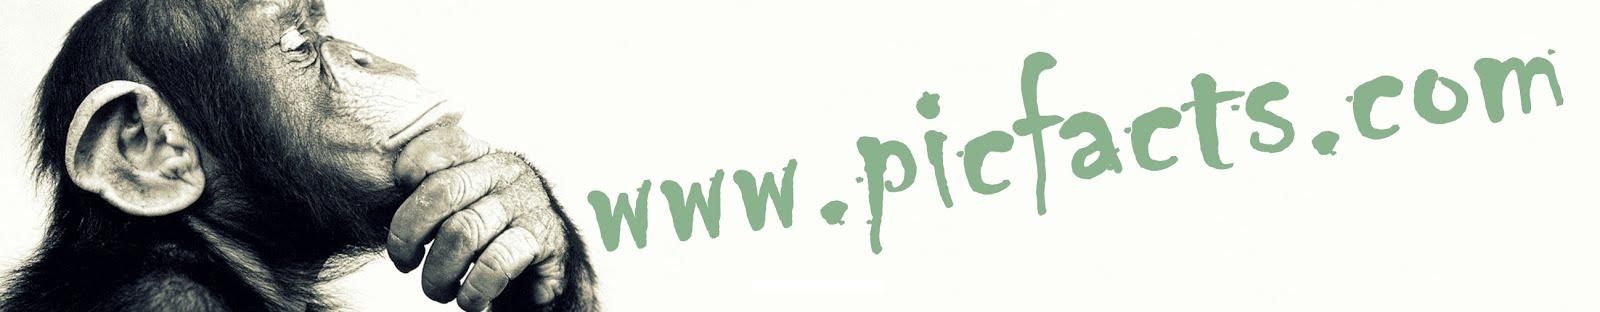 www.PicFacts.com